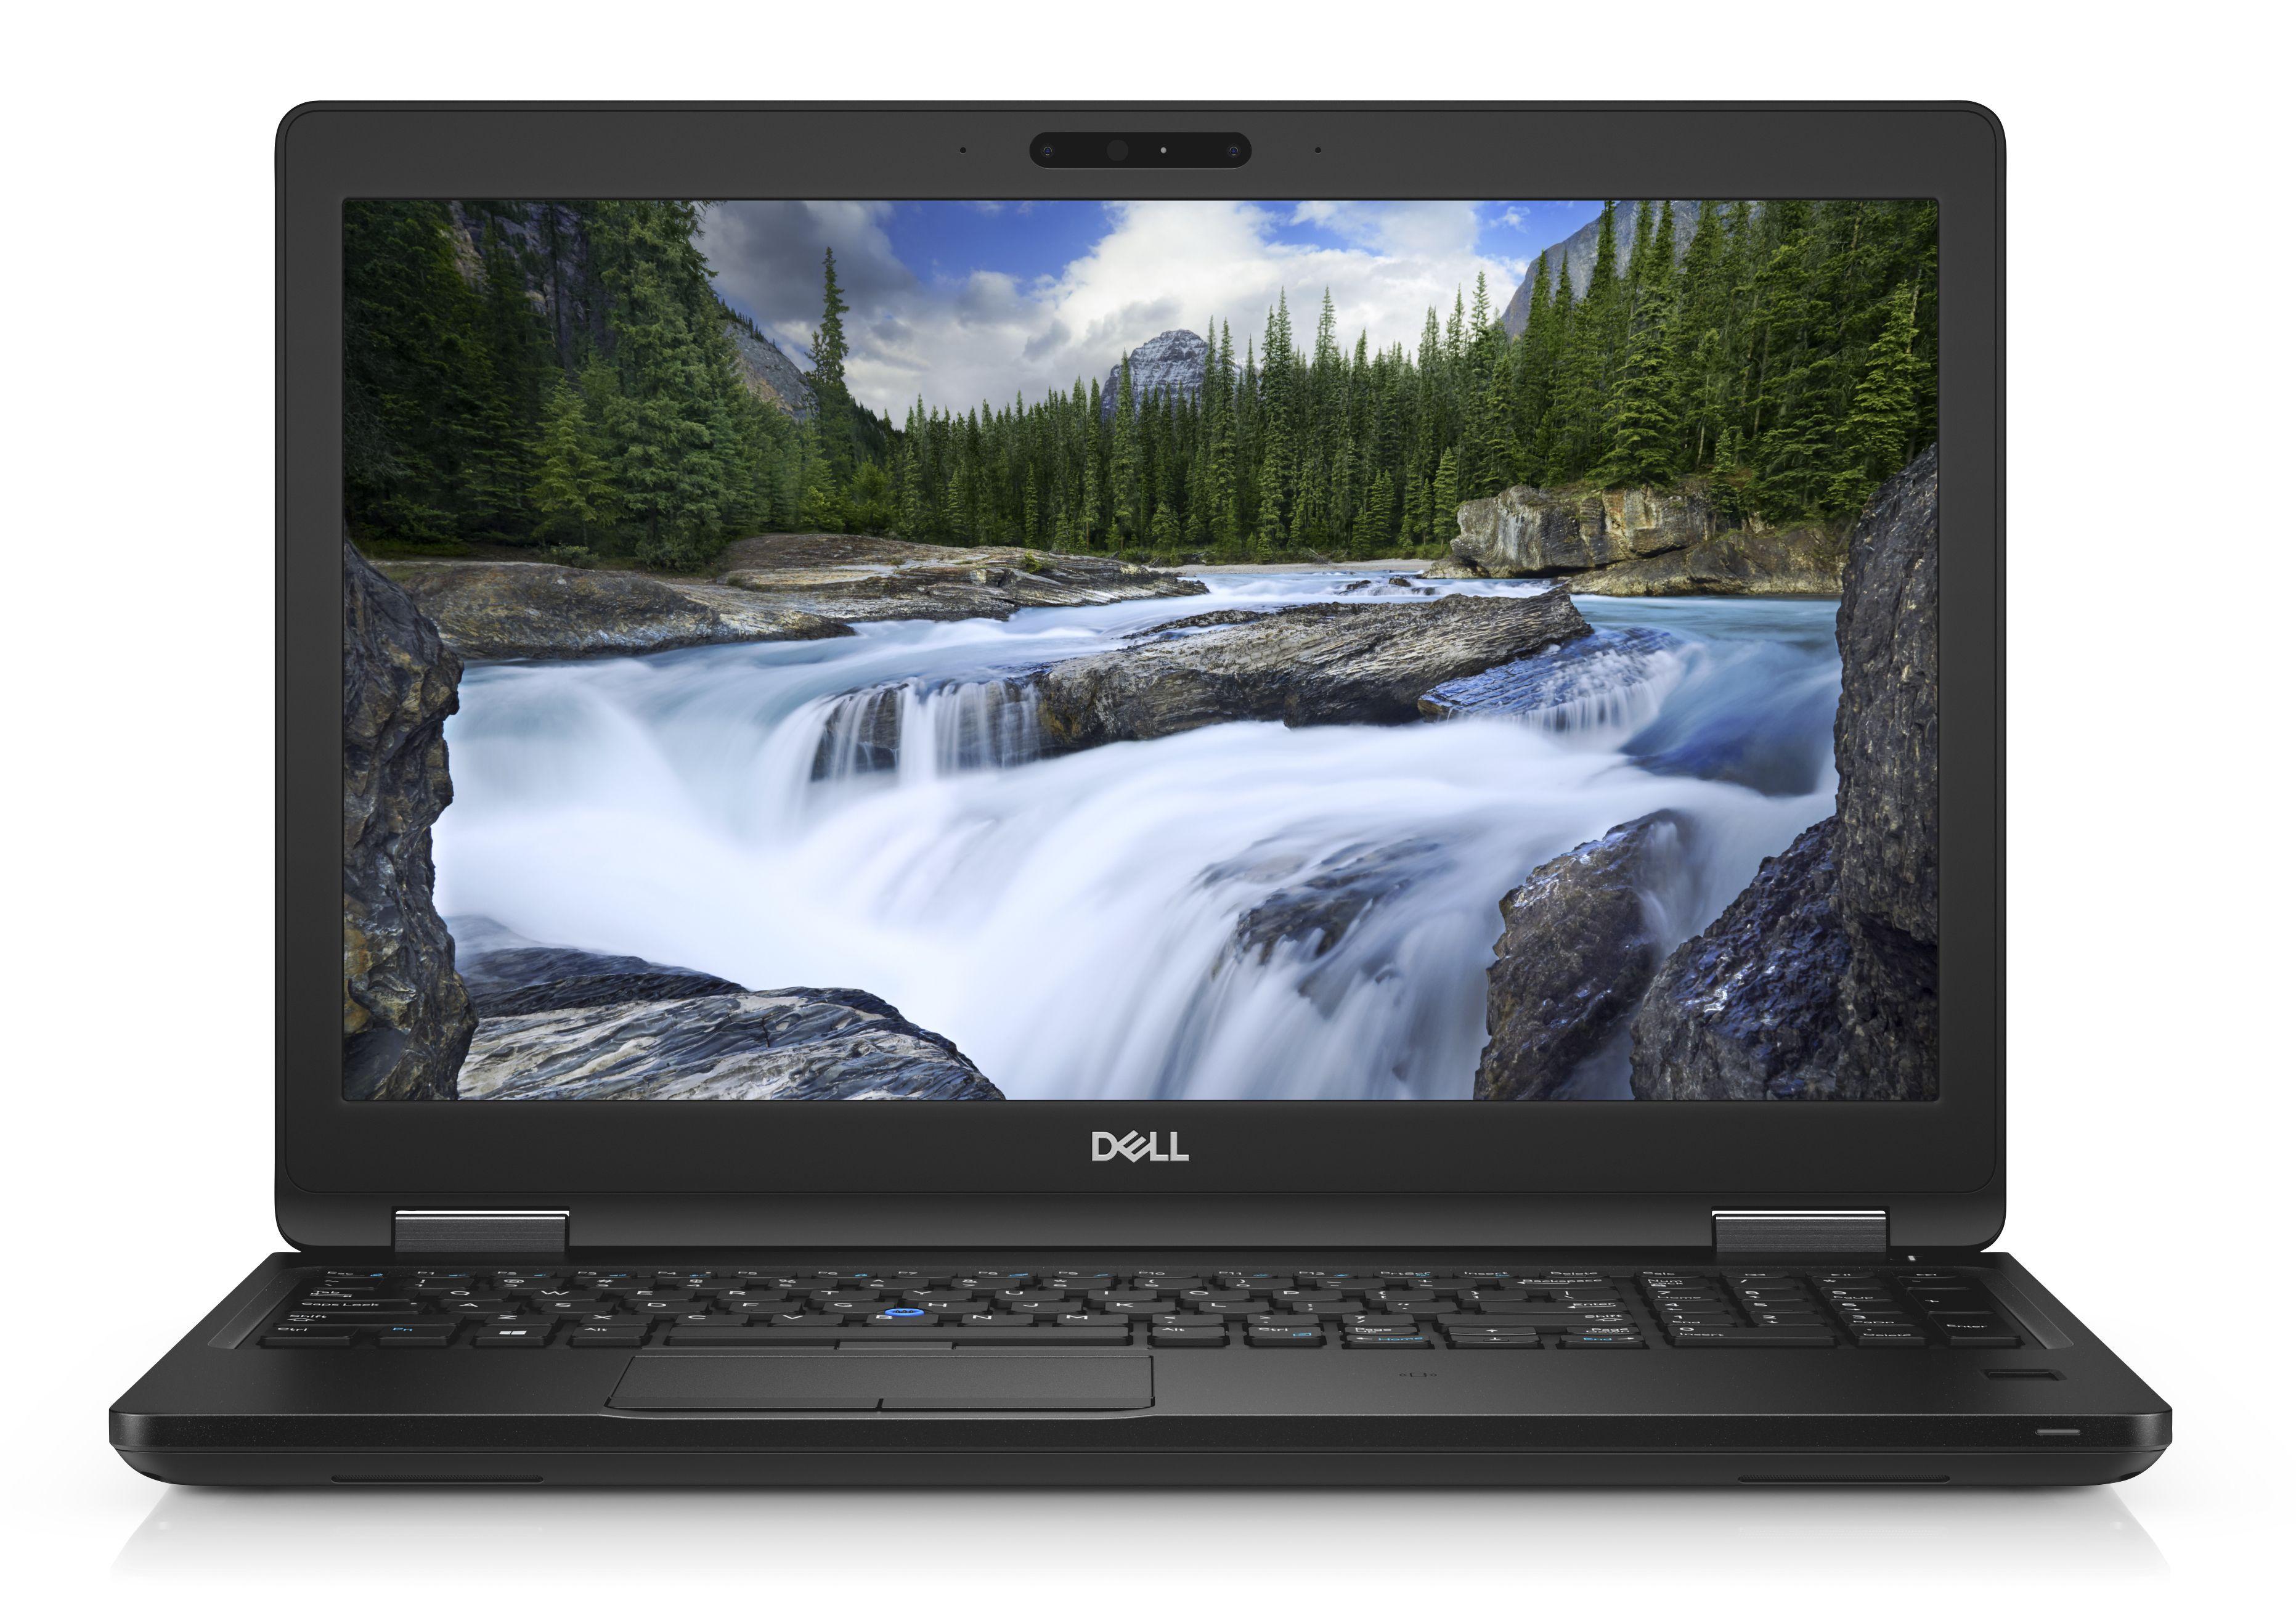 Notebook Dell Latitude 5590 15.6 Full HD Intel Core i7-8650U RAM 8GB SSD 256GB Windows 10 Pro